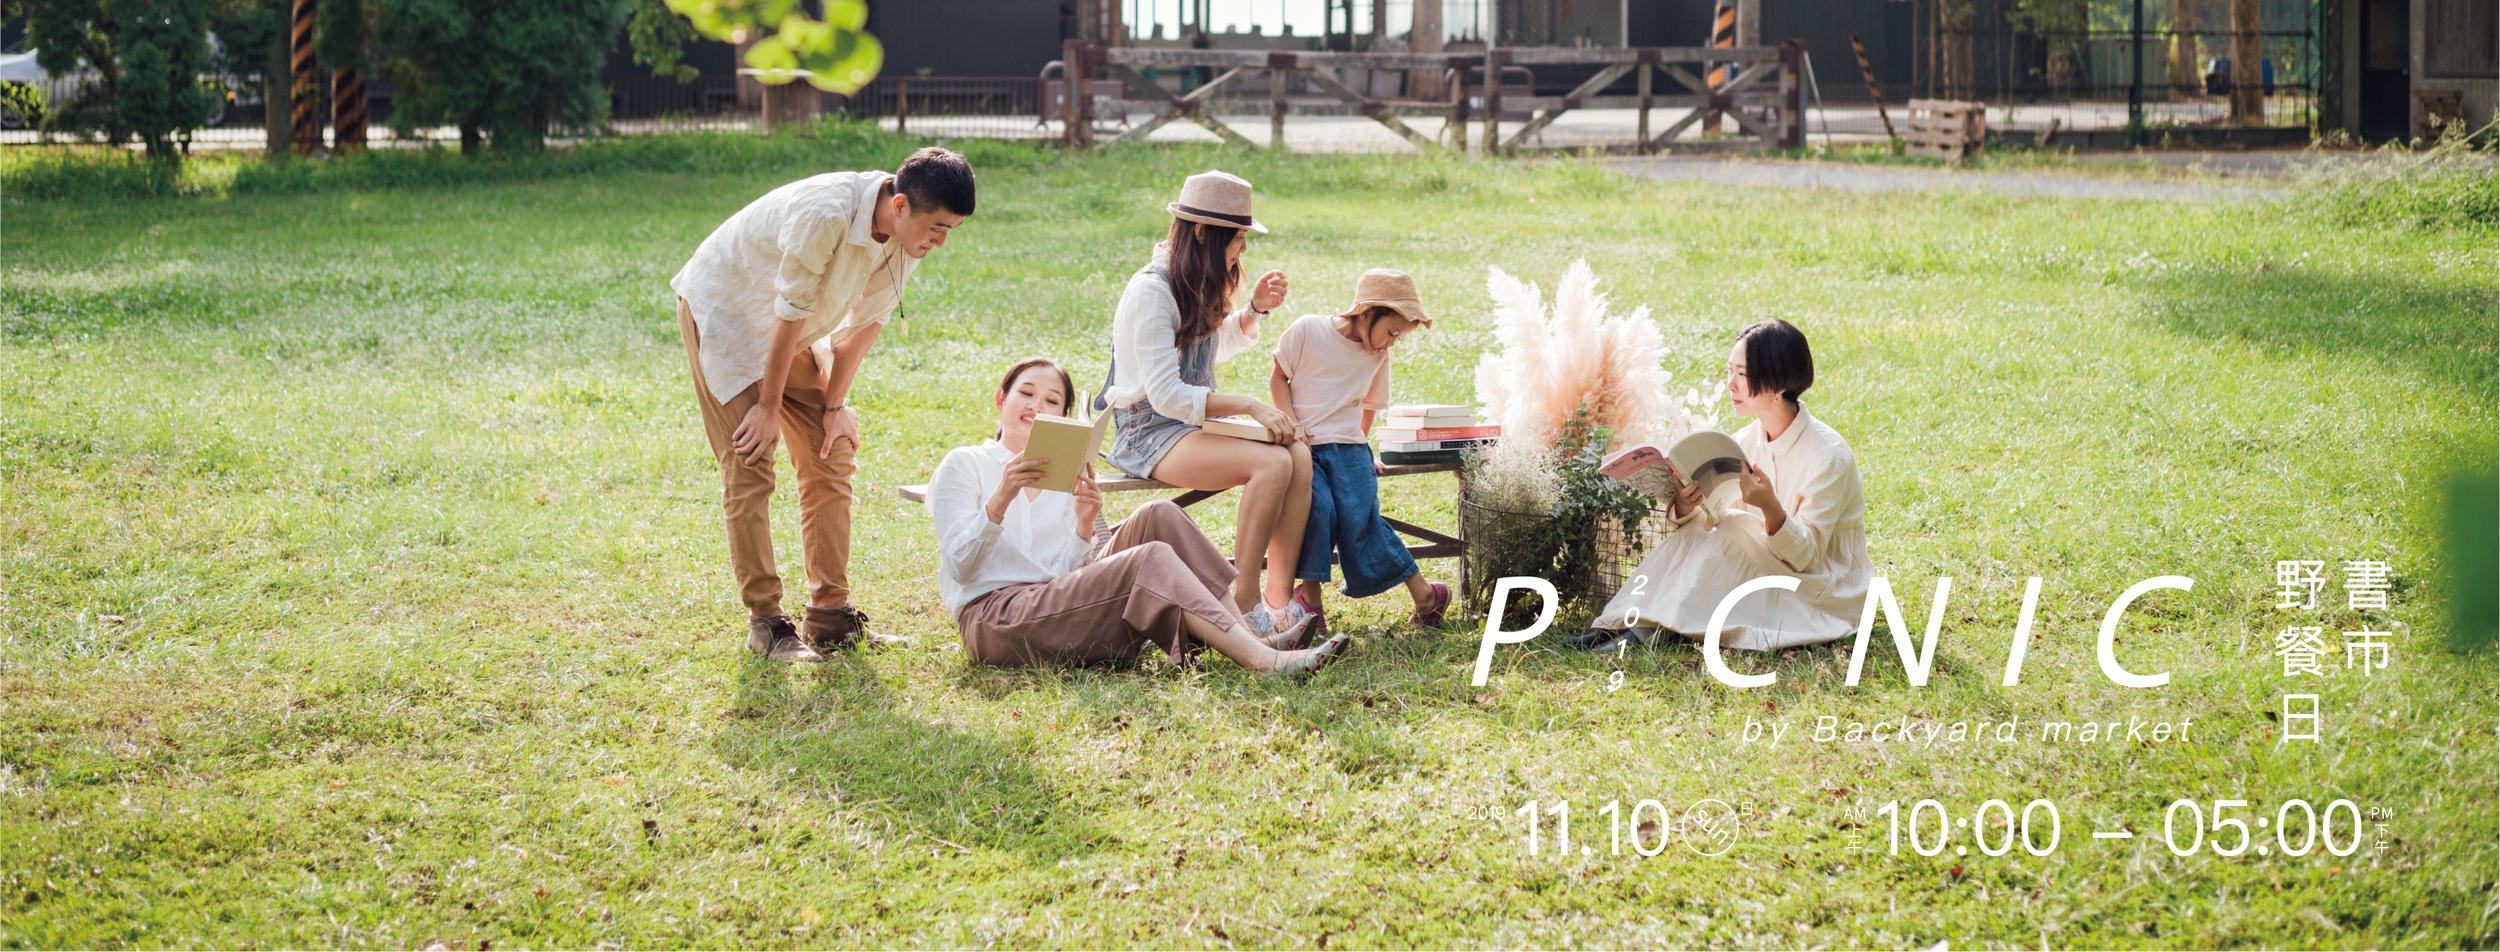 2019書市野餐 fb banner-04.png